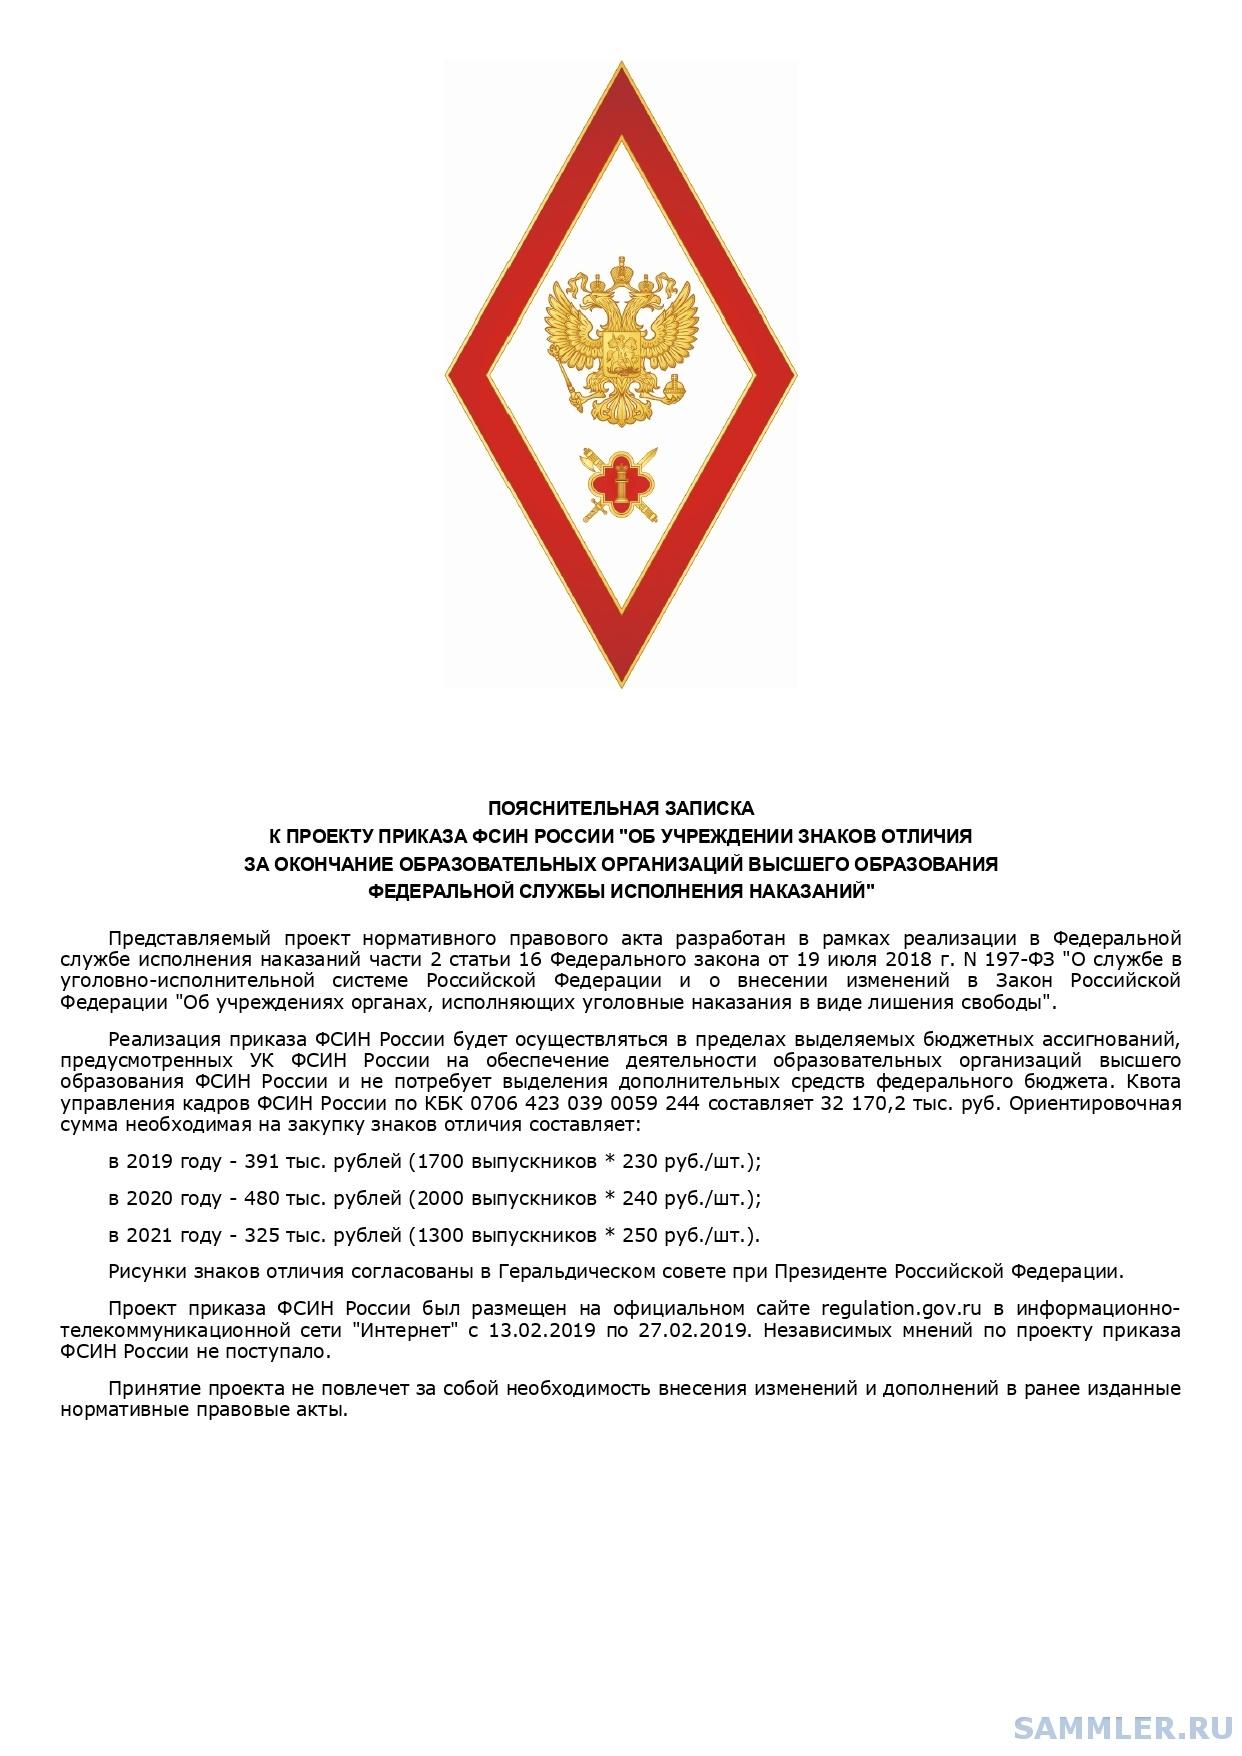 Проект  ФСИН ромбы_page-0005.jpg